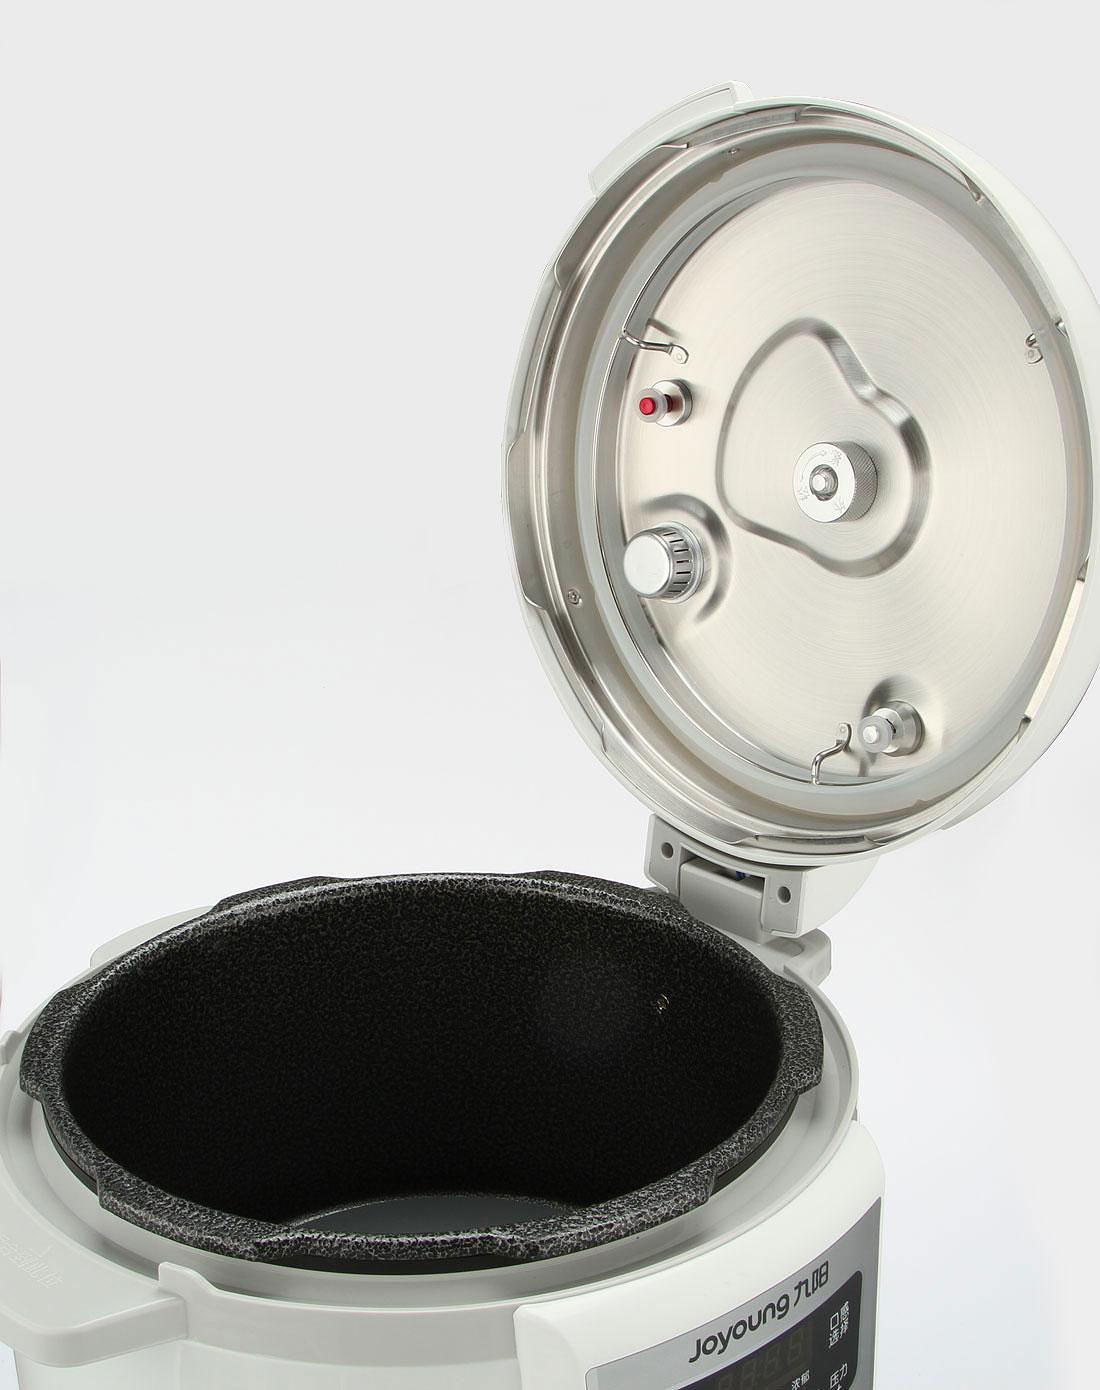 九阳电压力煲jyy-50ys10